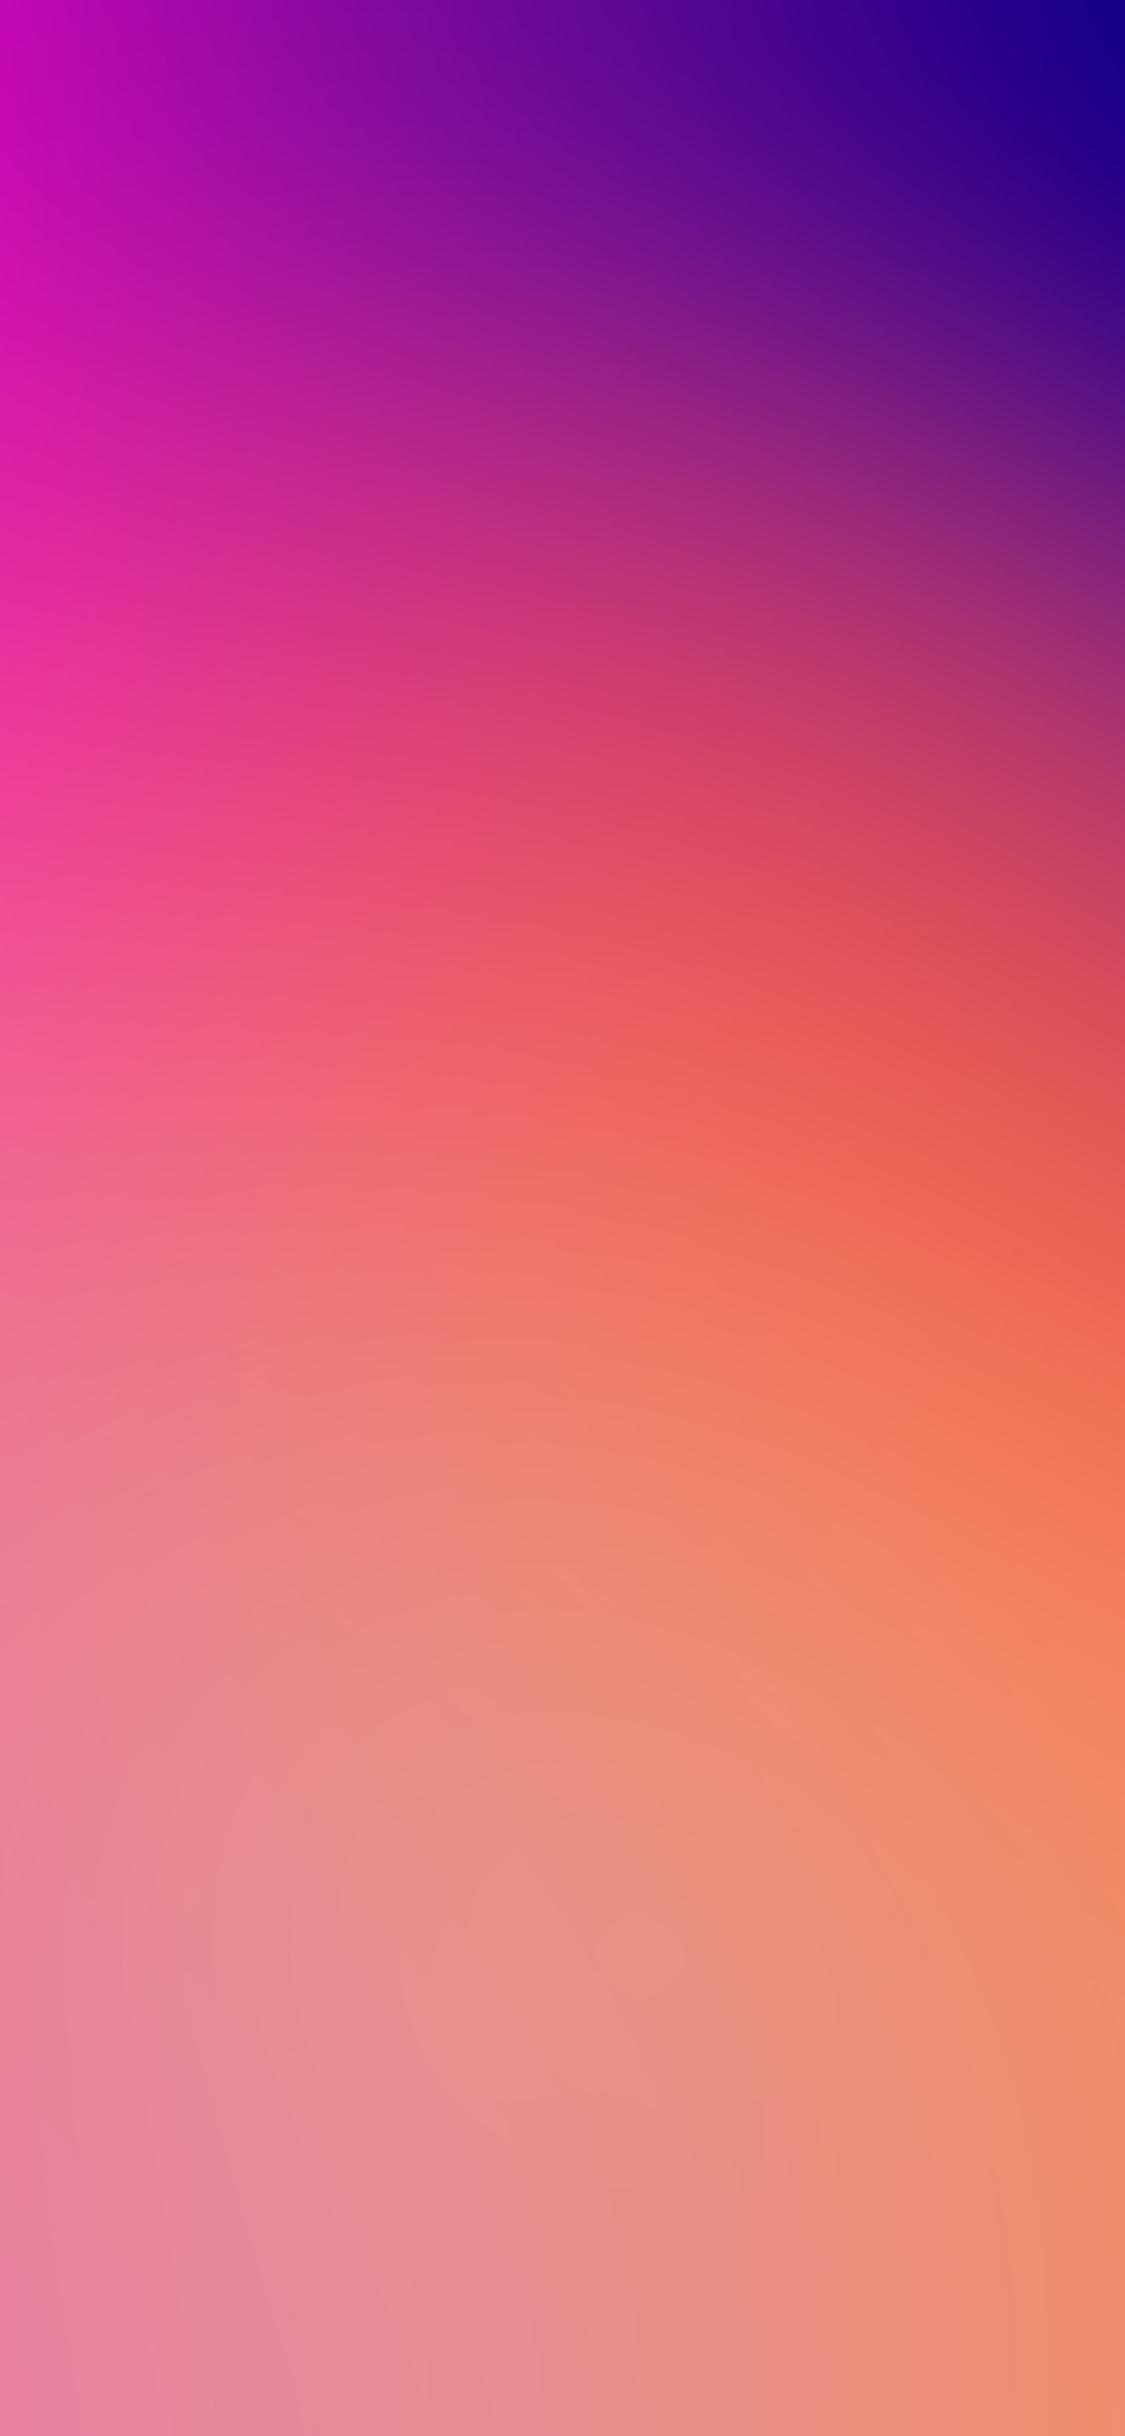 iPhoneXpapers.com-Apple-iPhone-wallpaper-sb44-wallpaper-alien-attack-blur